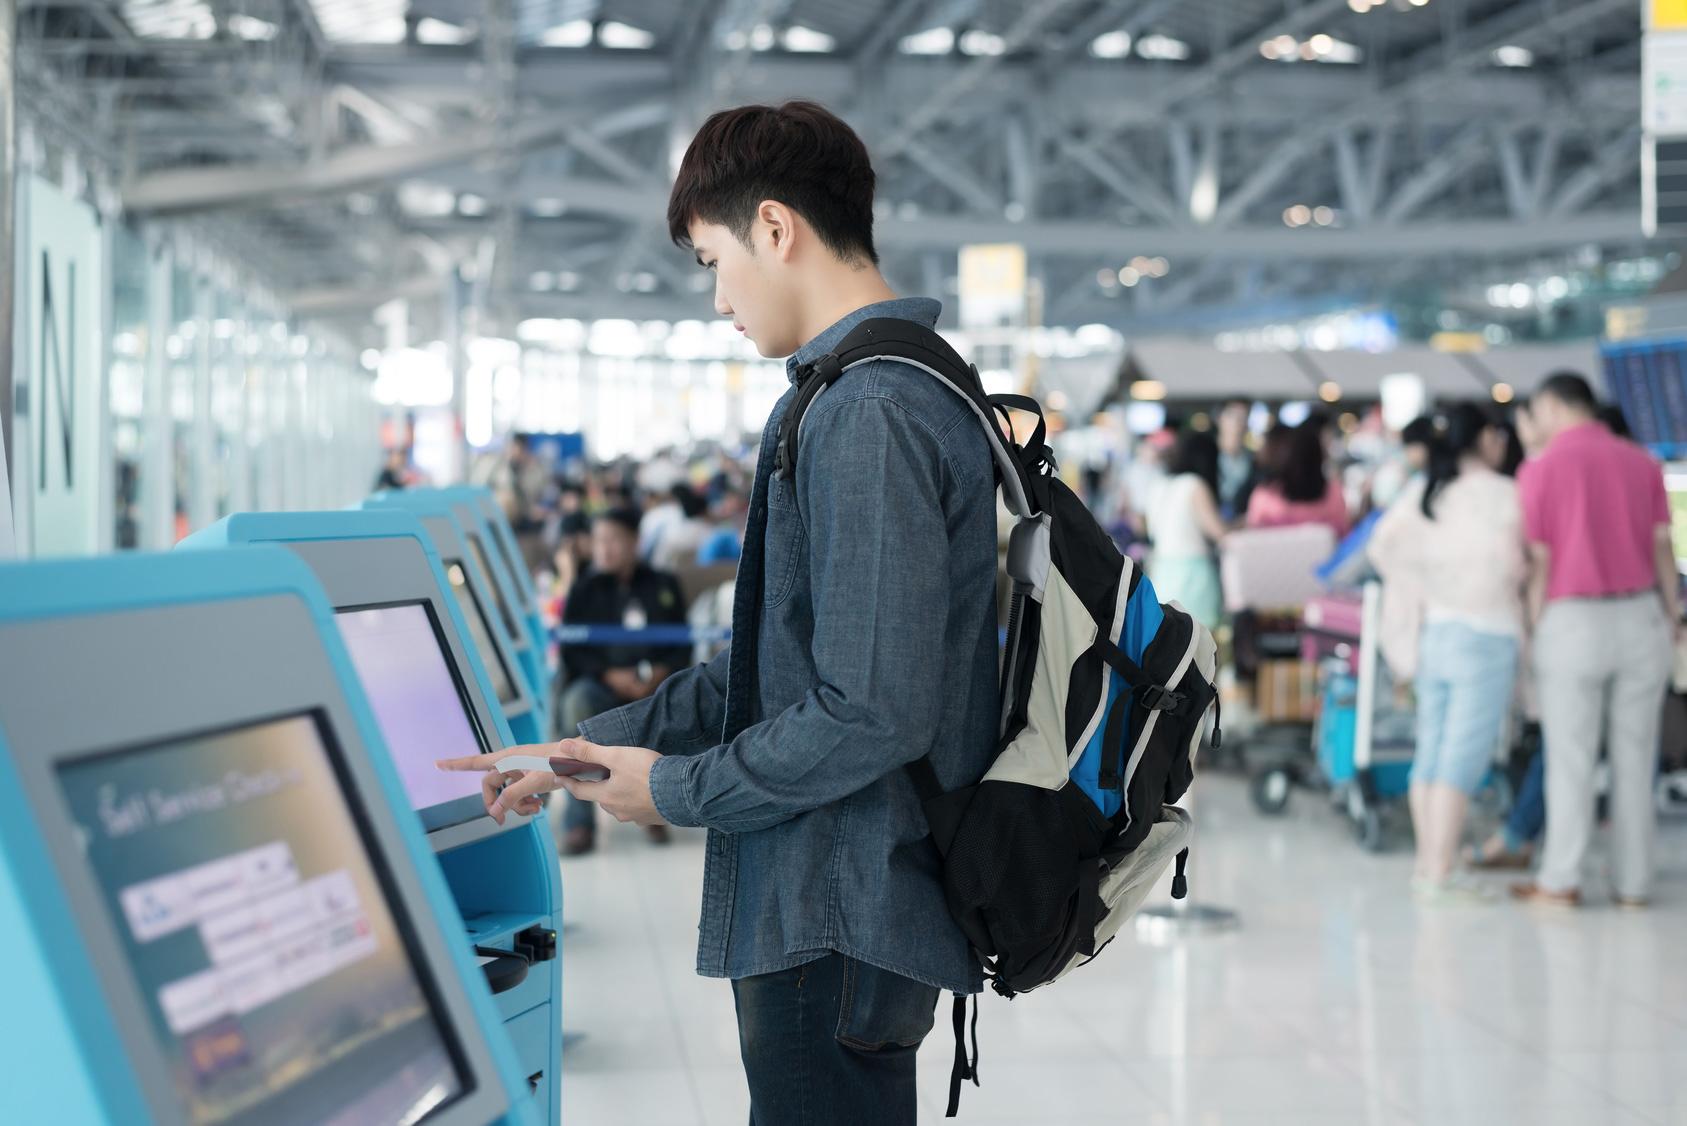 Mit leichtem Gepäck sind die Prozeduren vor dem Flug ein Genuss – aber wehe, es wird schwer oder sperrig, denn dann wird es auch meist teuer.